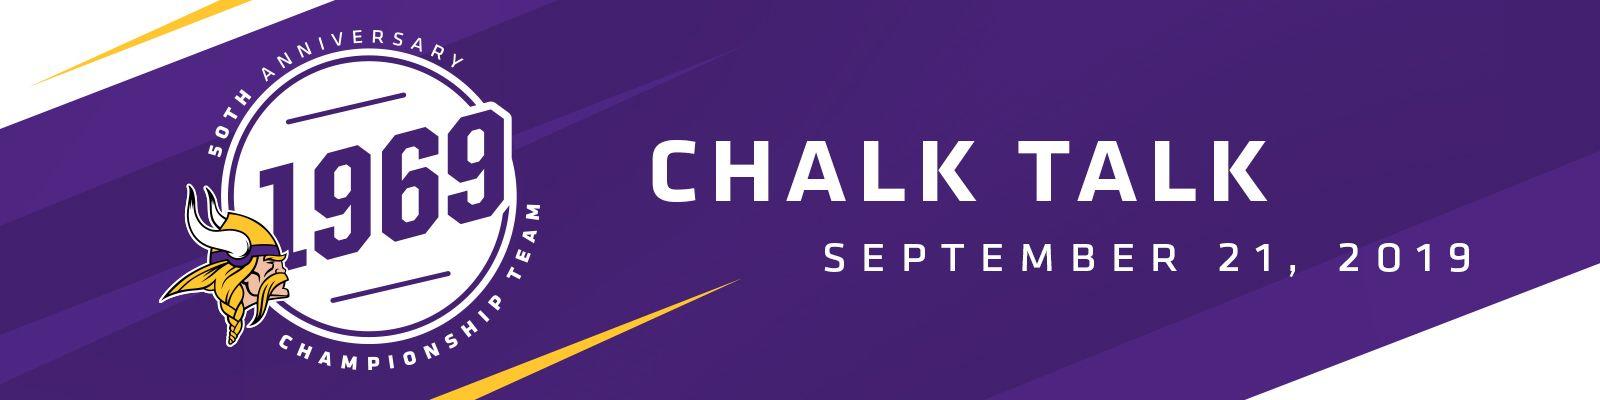 1969-Chalk-Talk_1600x400